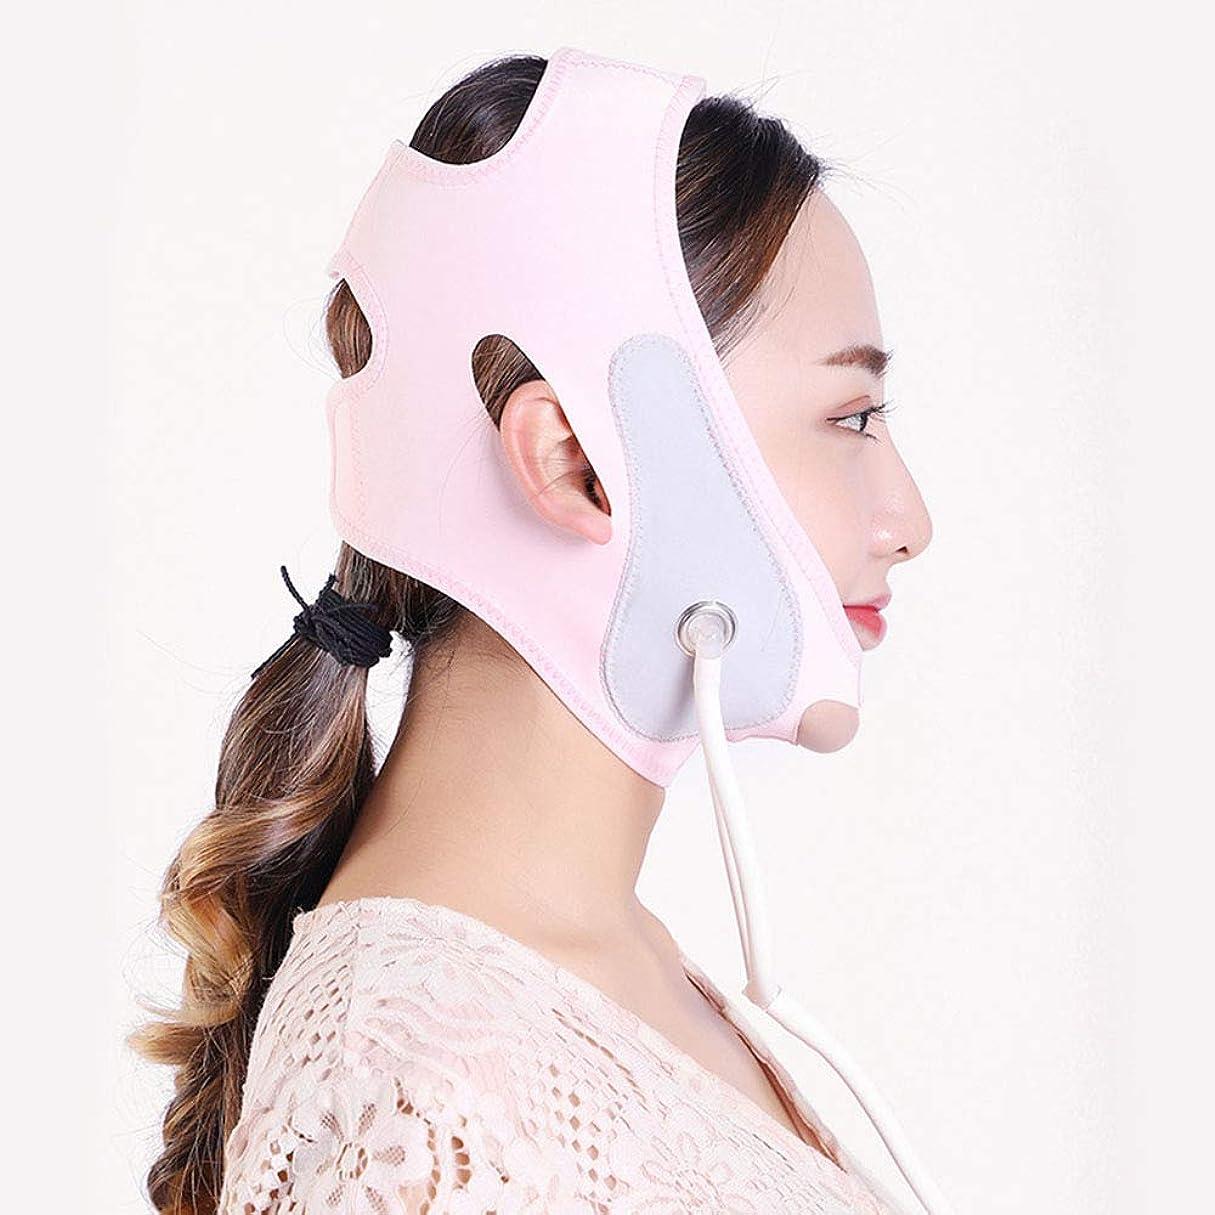 遠足惨めな必須膨脹可能なVのマスク、持ち上がる咬筋の筋肉収縮のあごの睡眠ベルト/膨脹可能なベルト/包帯を持ち上げる